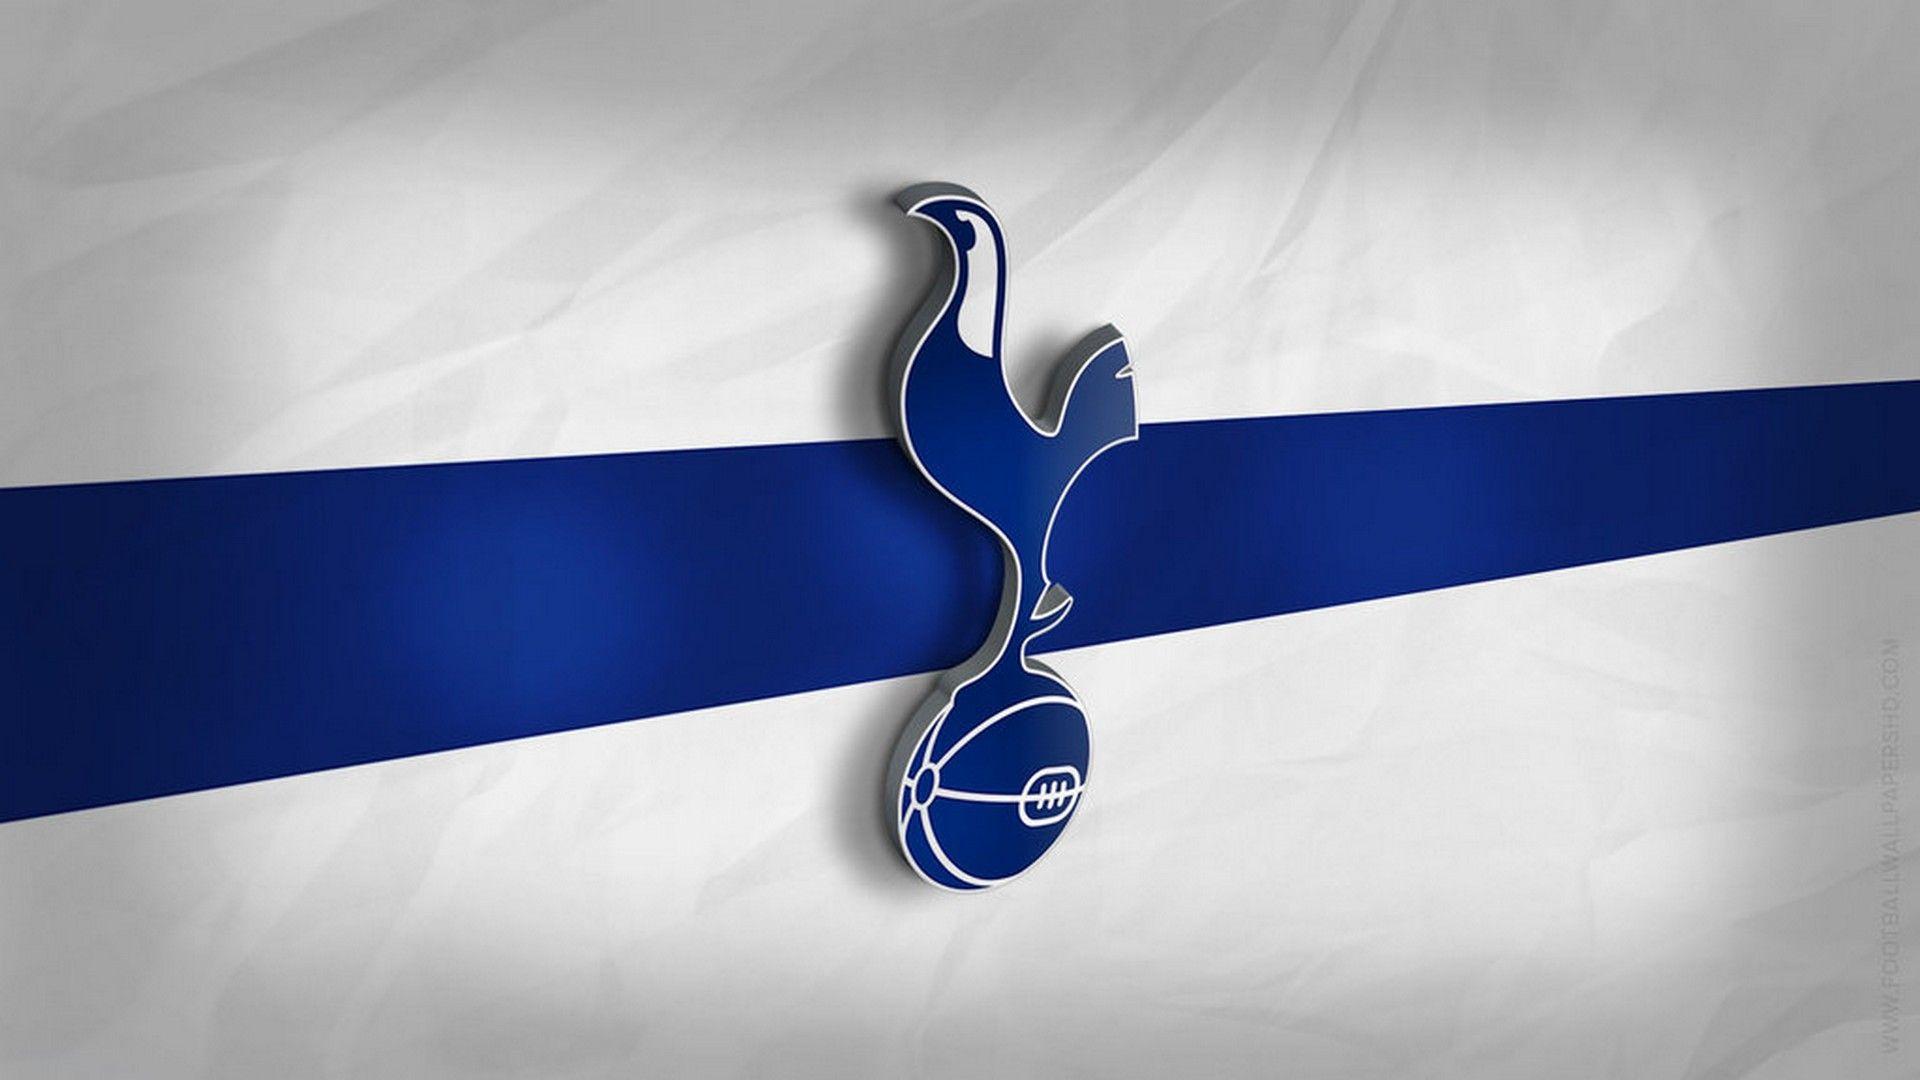 Wallpaper Tottenham Hotspur Hd 2021 Live Wallpaper Hd Tottenham Hotspur Tottenham Wallpaper Tottenham